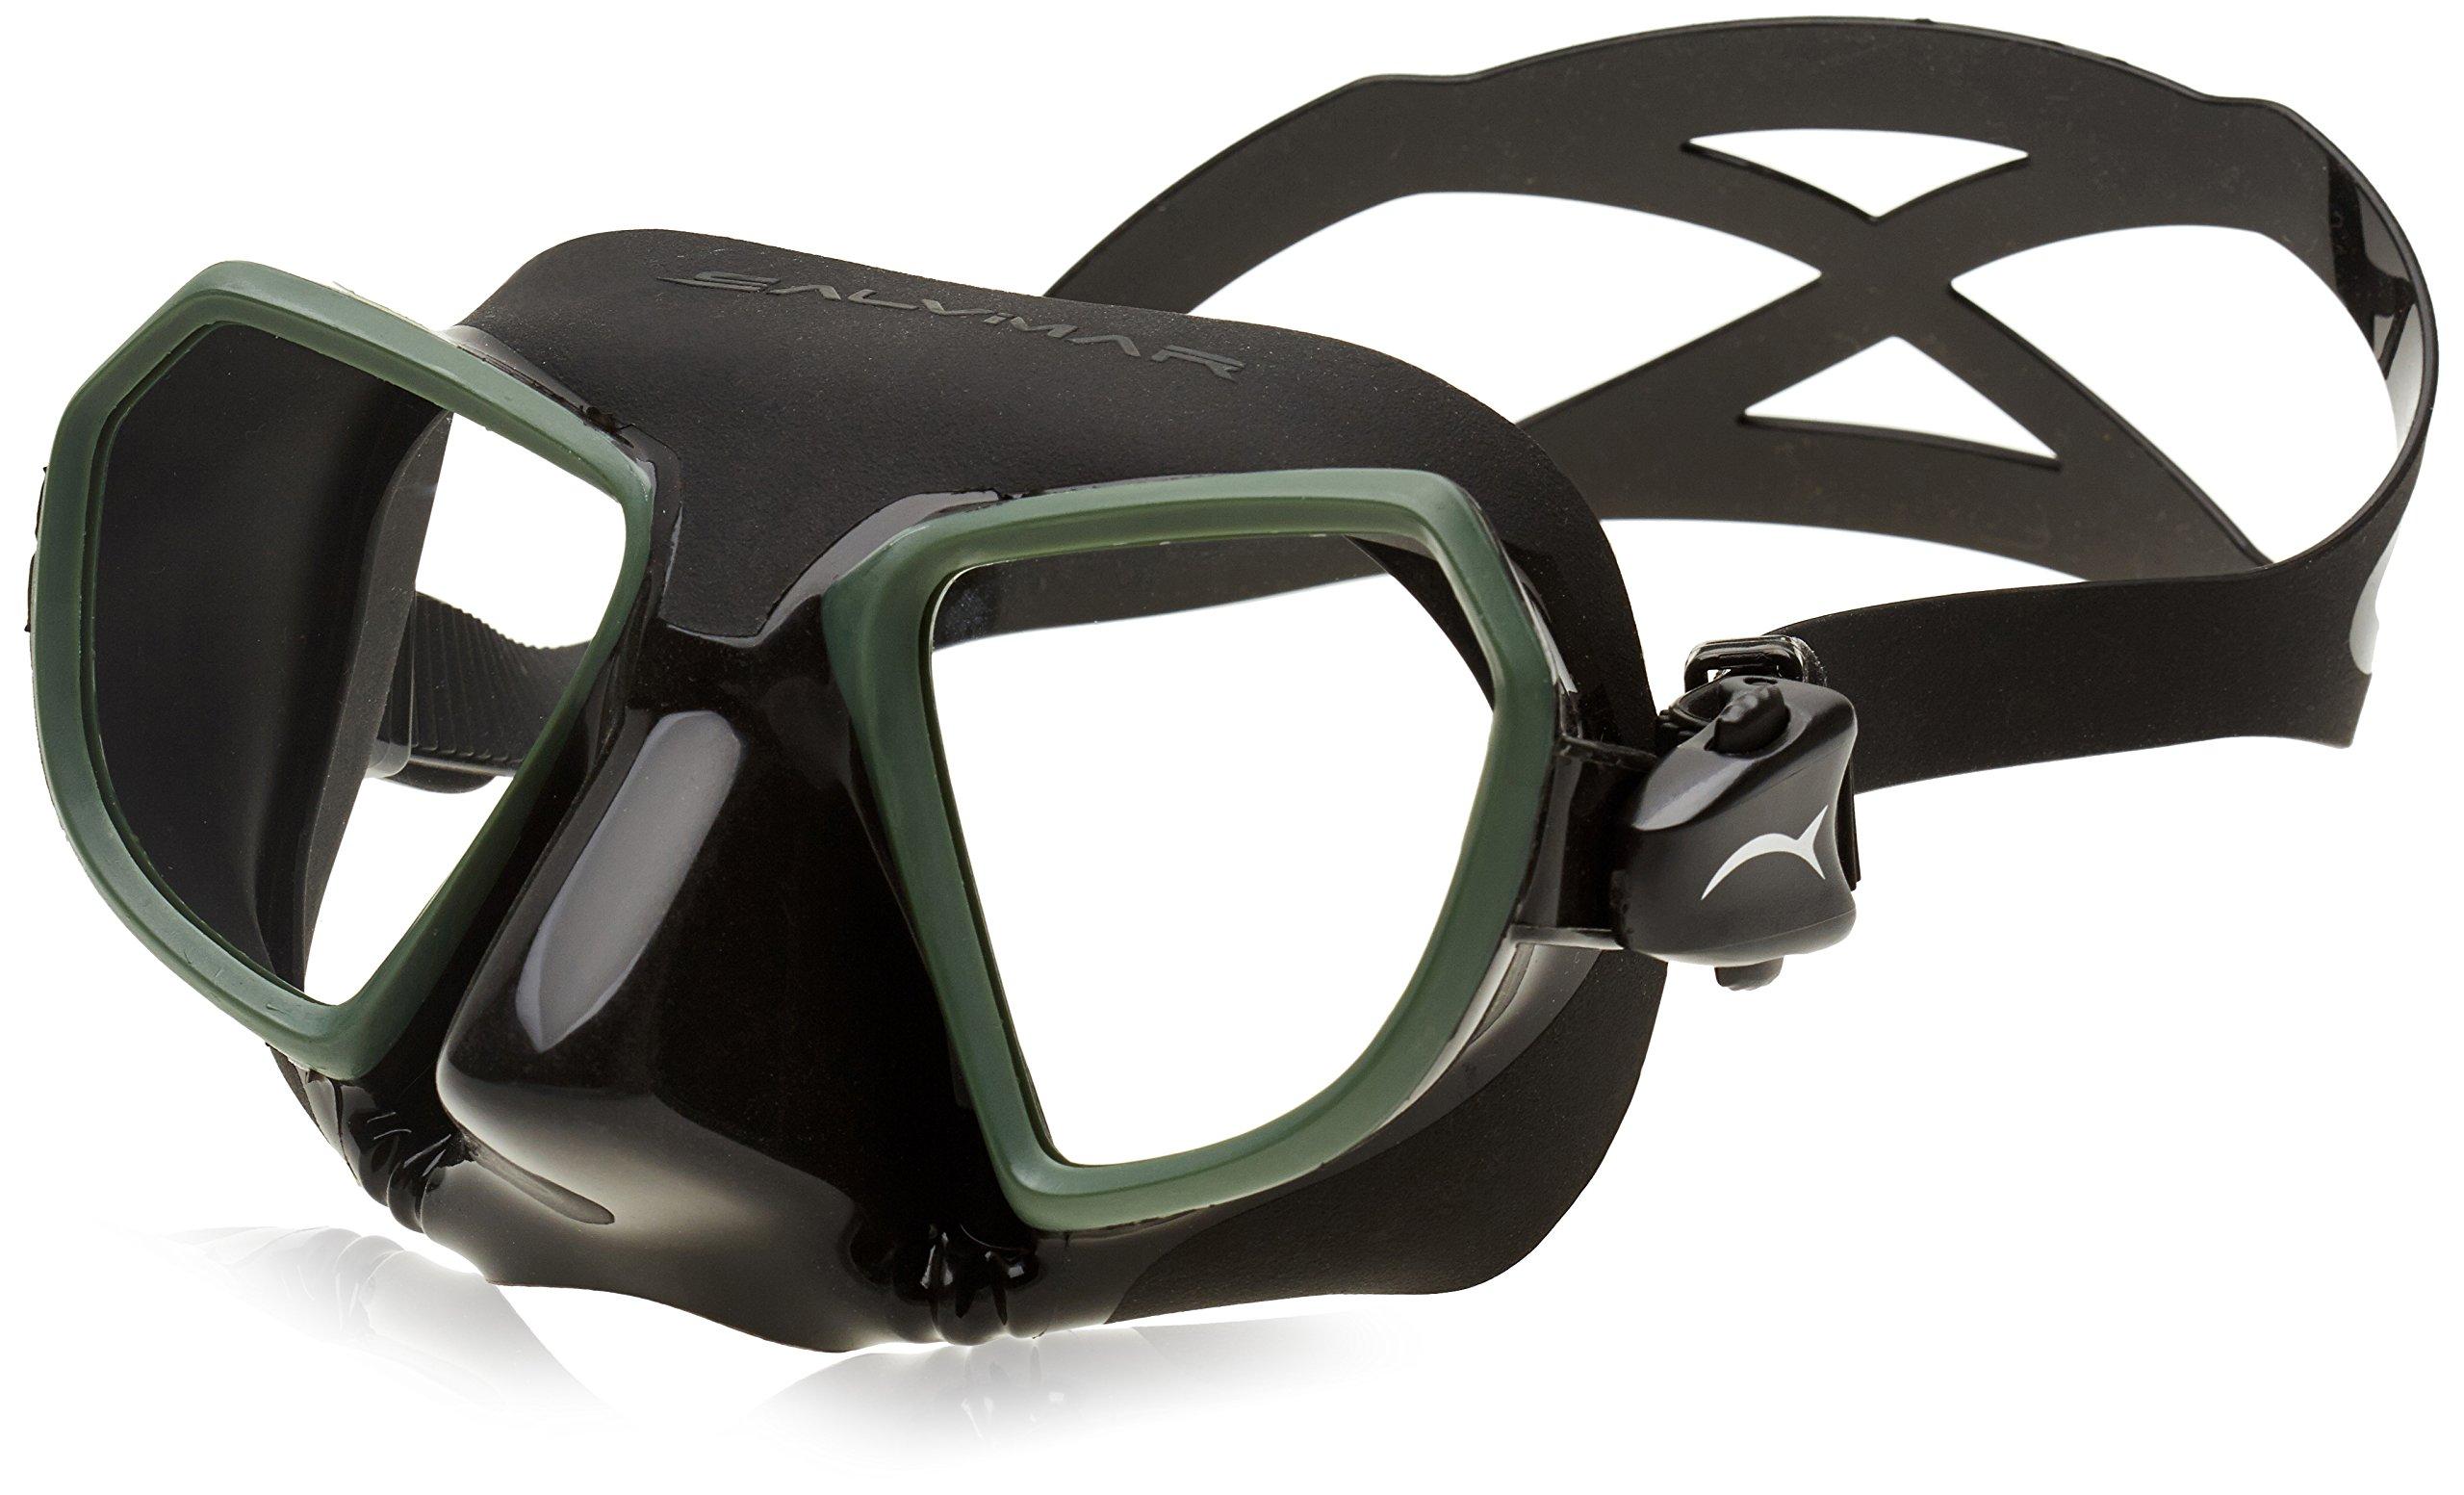 Salvimar Noah Freediving Mask, Black/Green